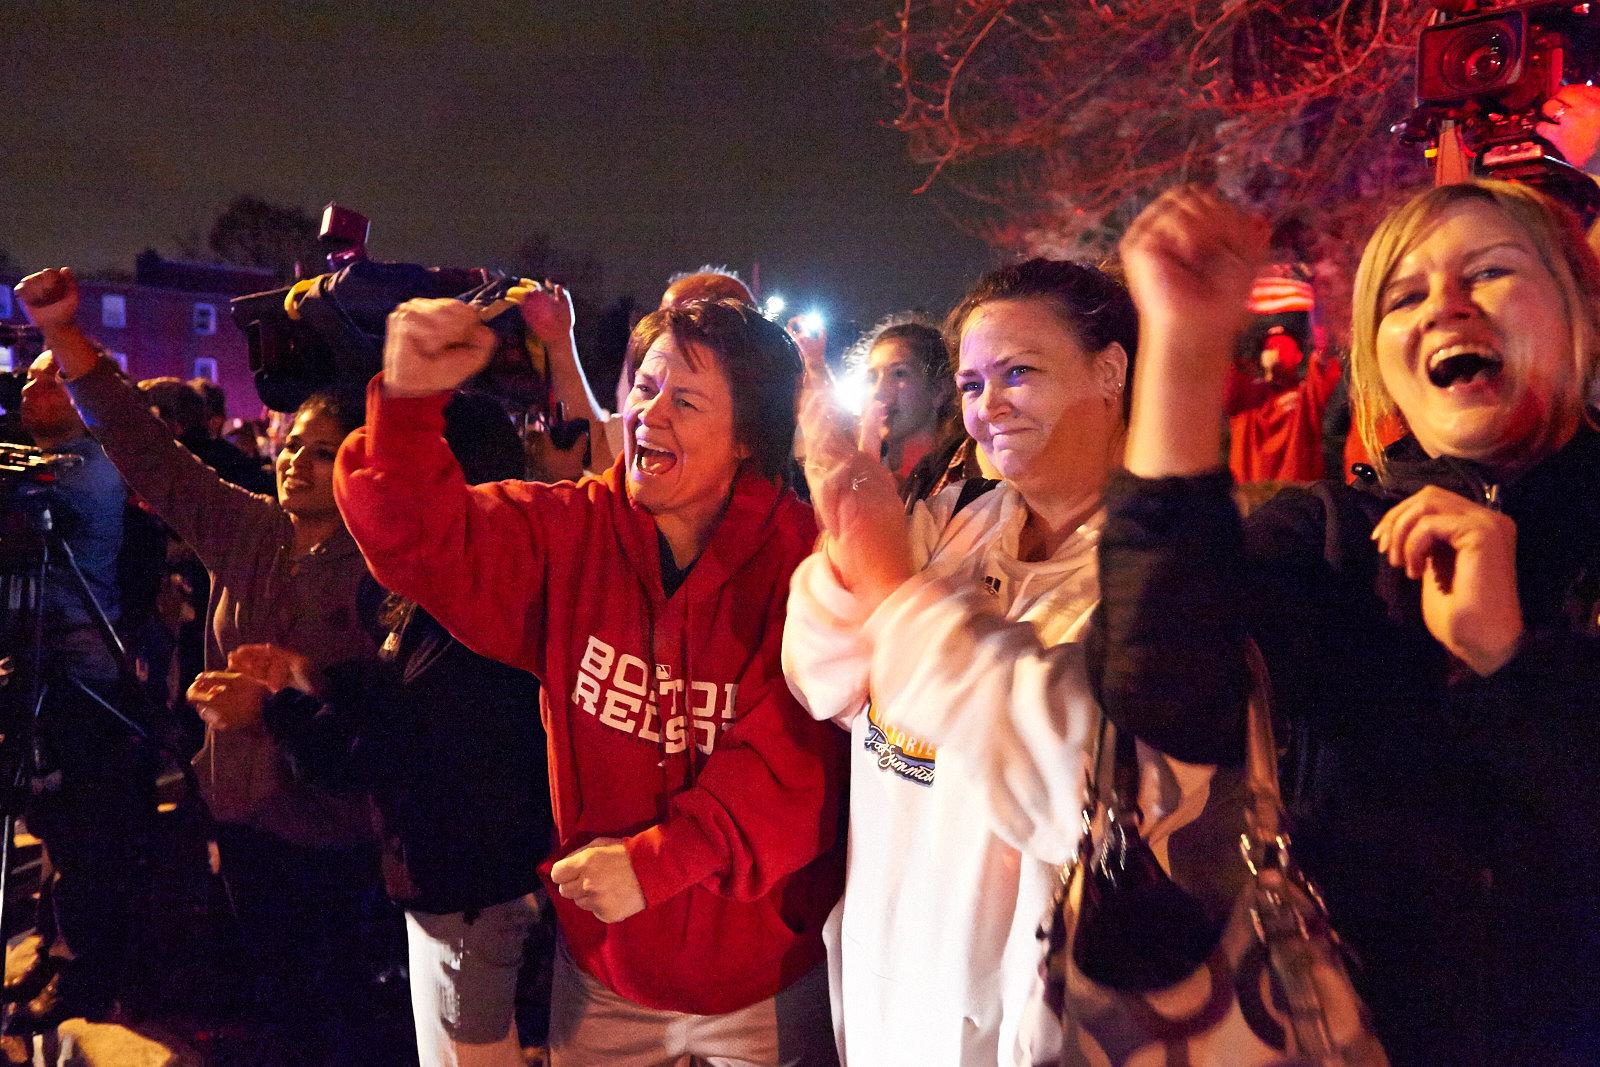 Hunt for Boston Marathon suspects in Watertown